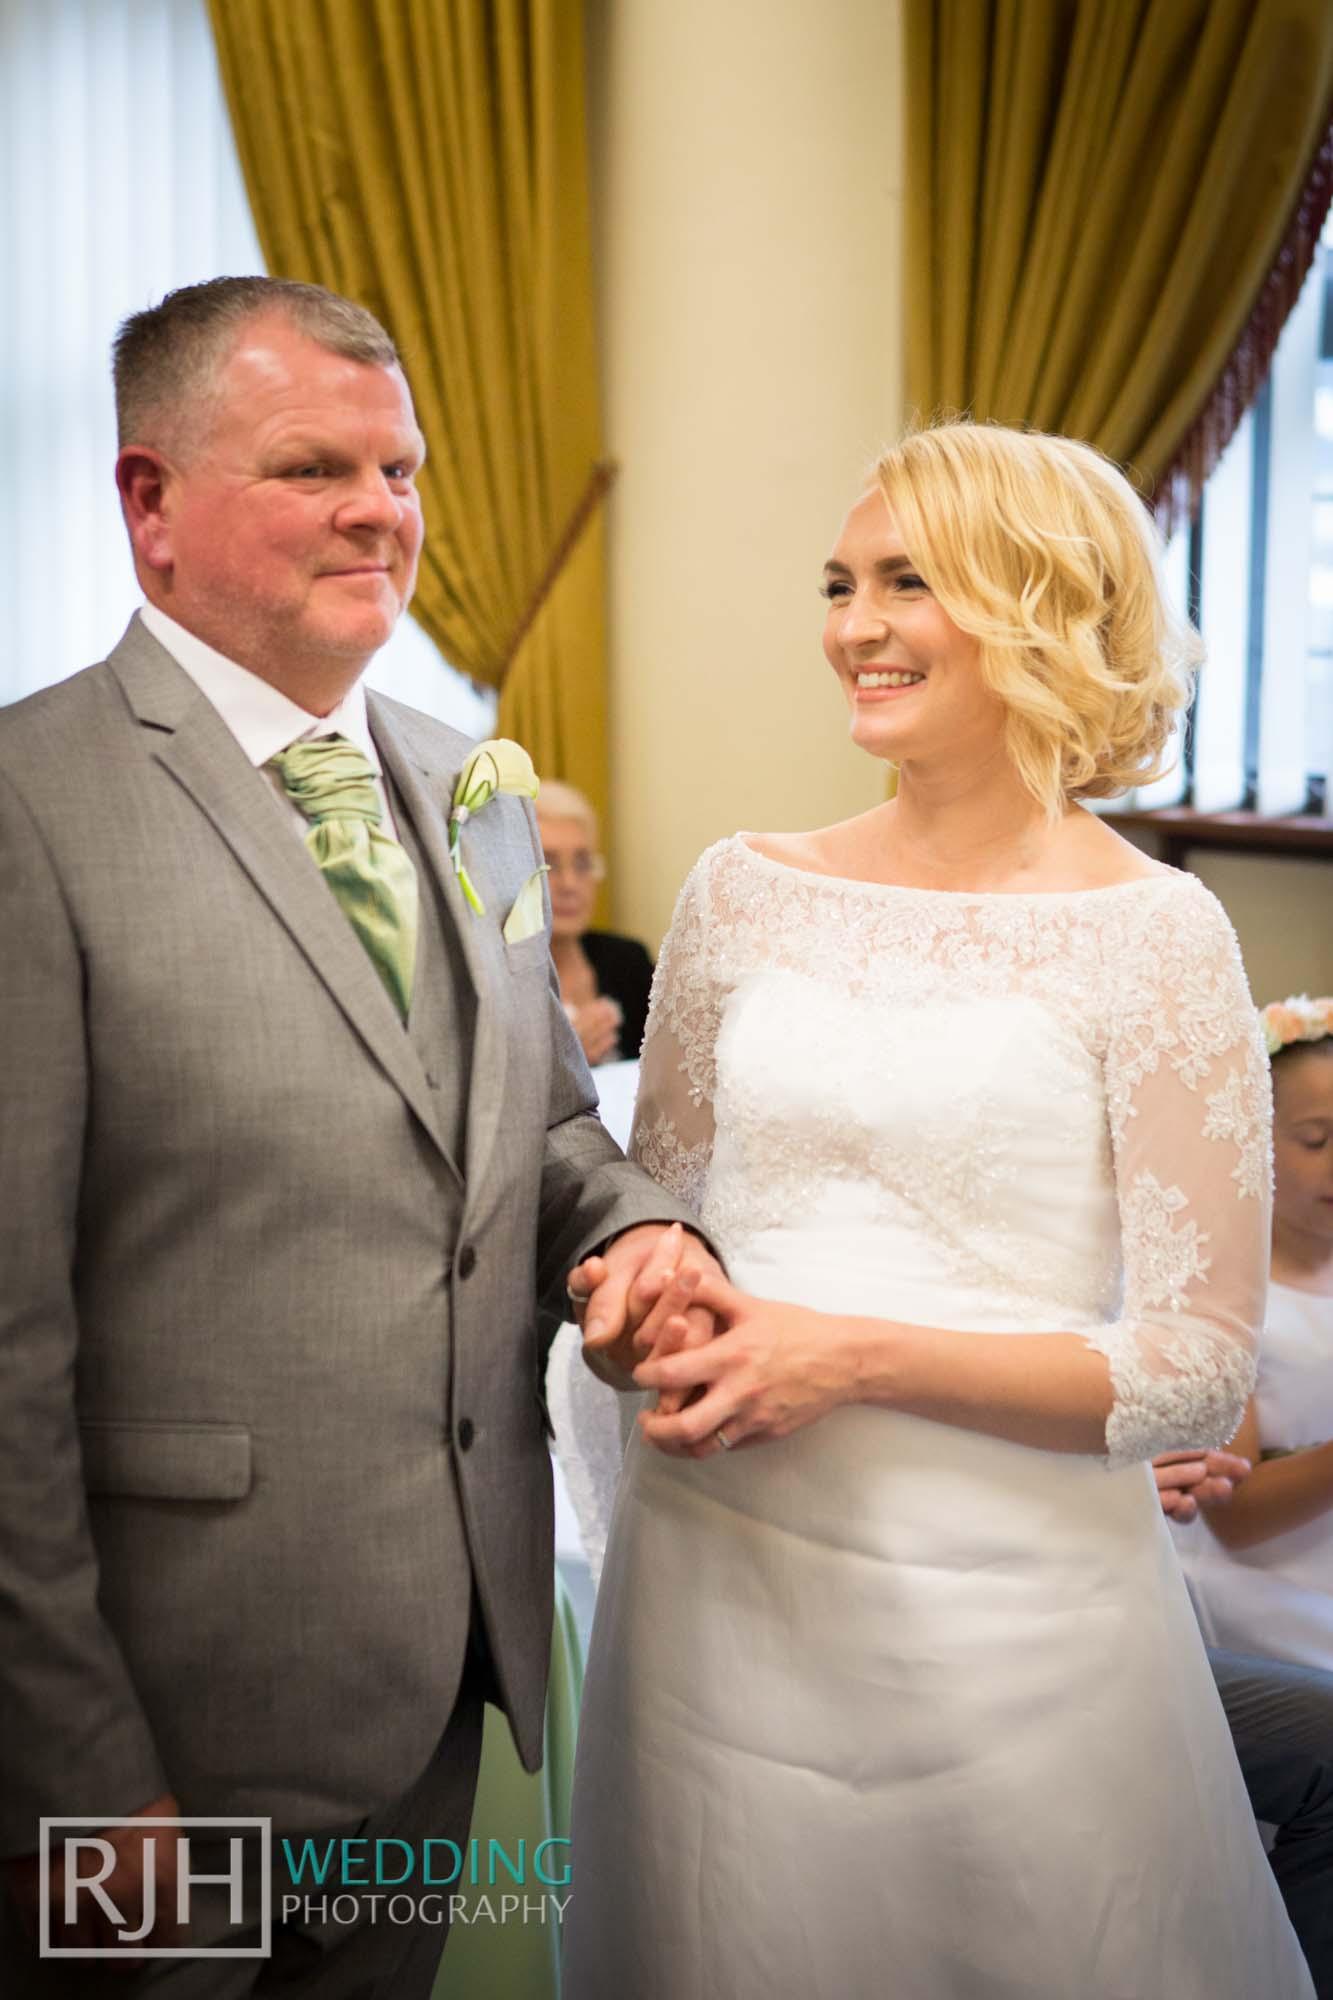 Sheffield City Hall_Ellis Wedding_254_3C2A3555.jpg